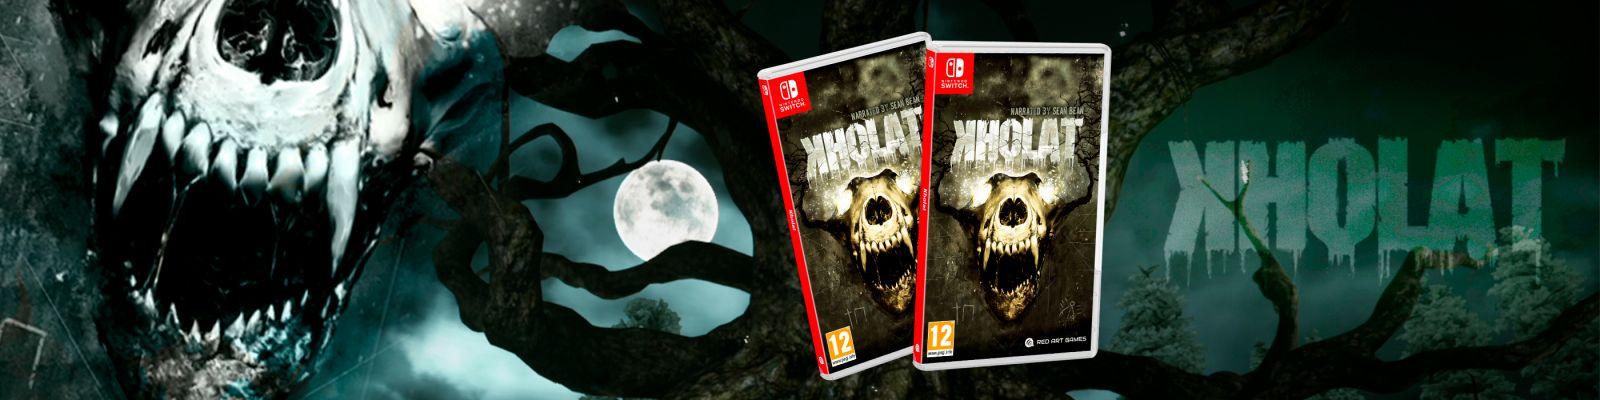 Kholat Nintendo Switch